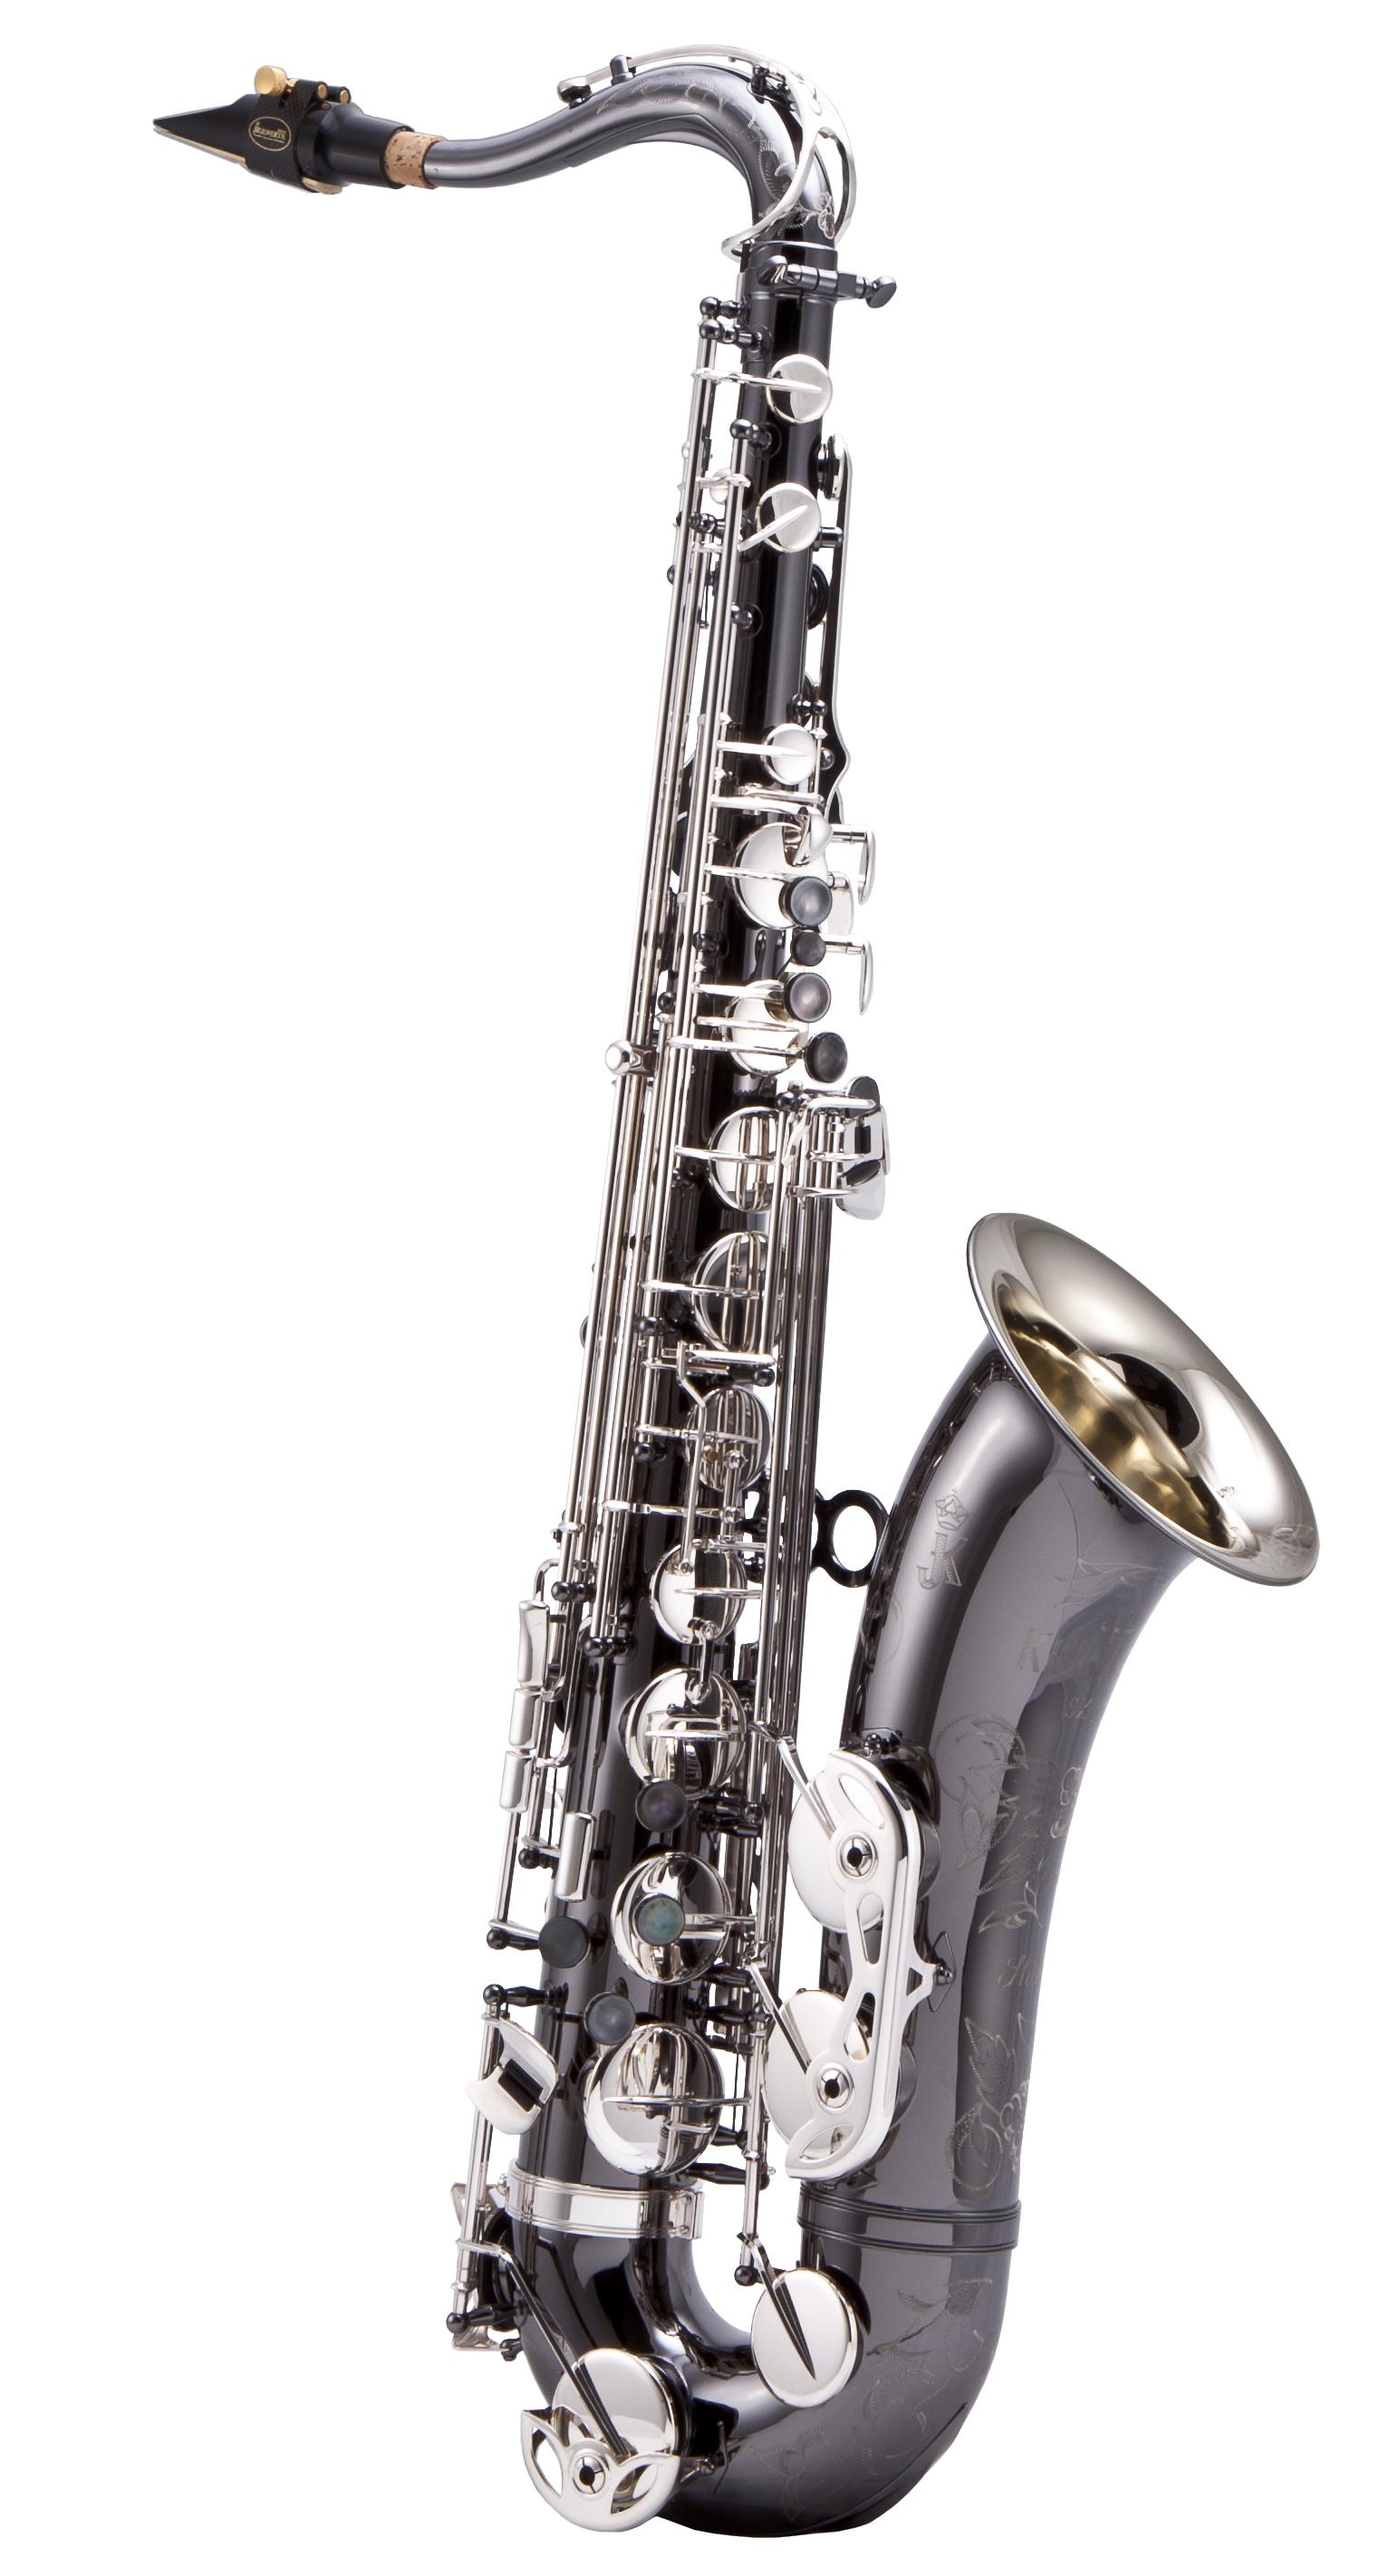 Keilwerth, Julius - JK - 3401 - 5B2 - 0 - Shadow - Holzblasinstrumente - Saxophone | MUSIK BERTRAM Deutschland Freiburg